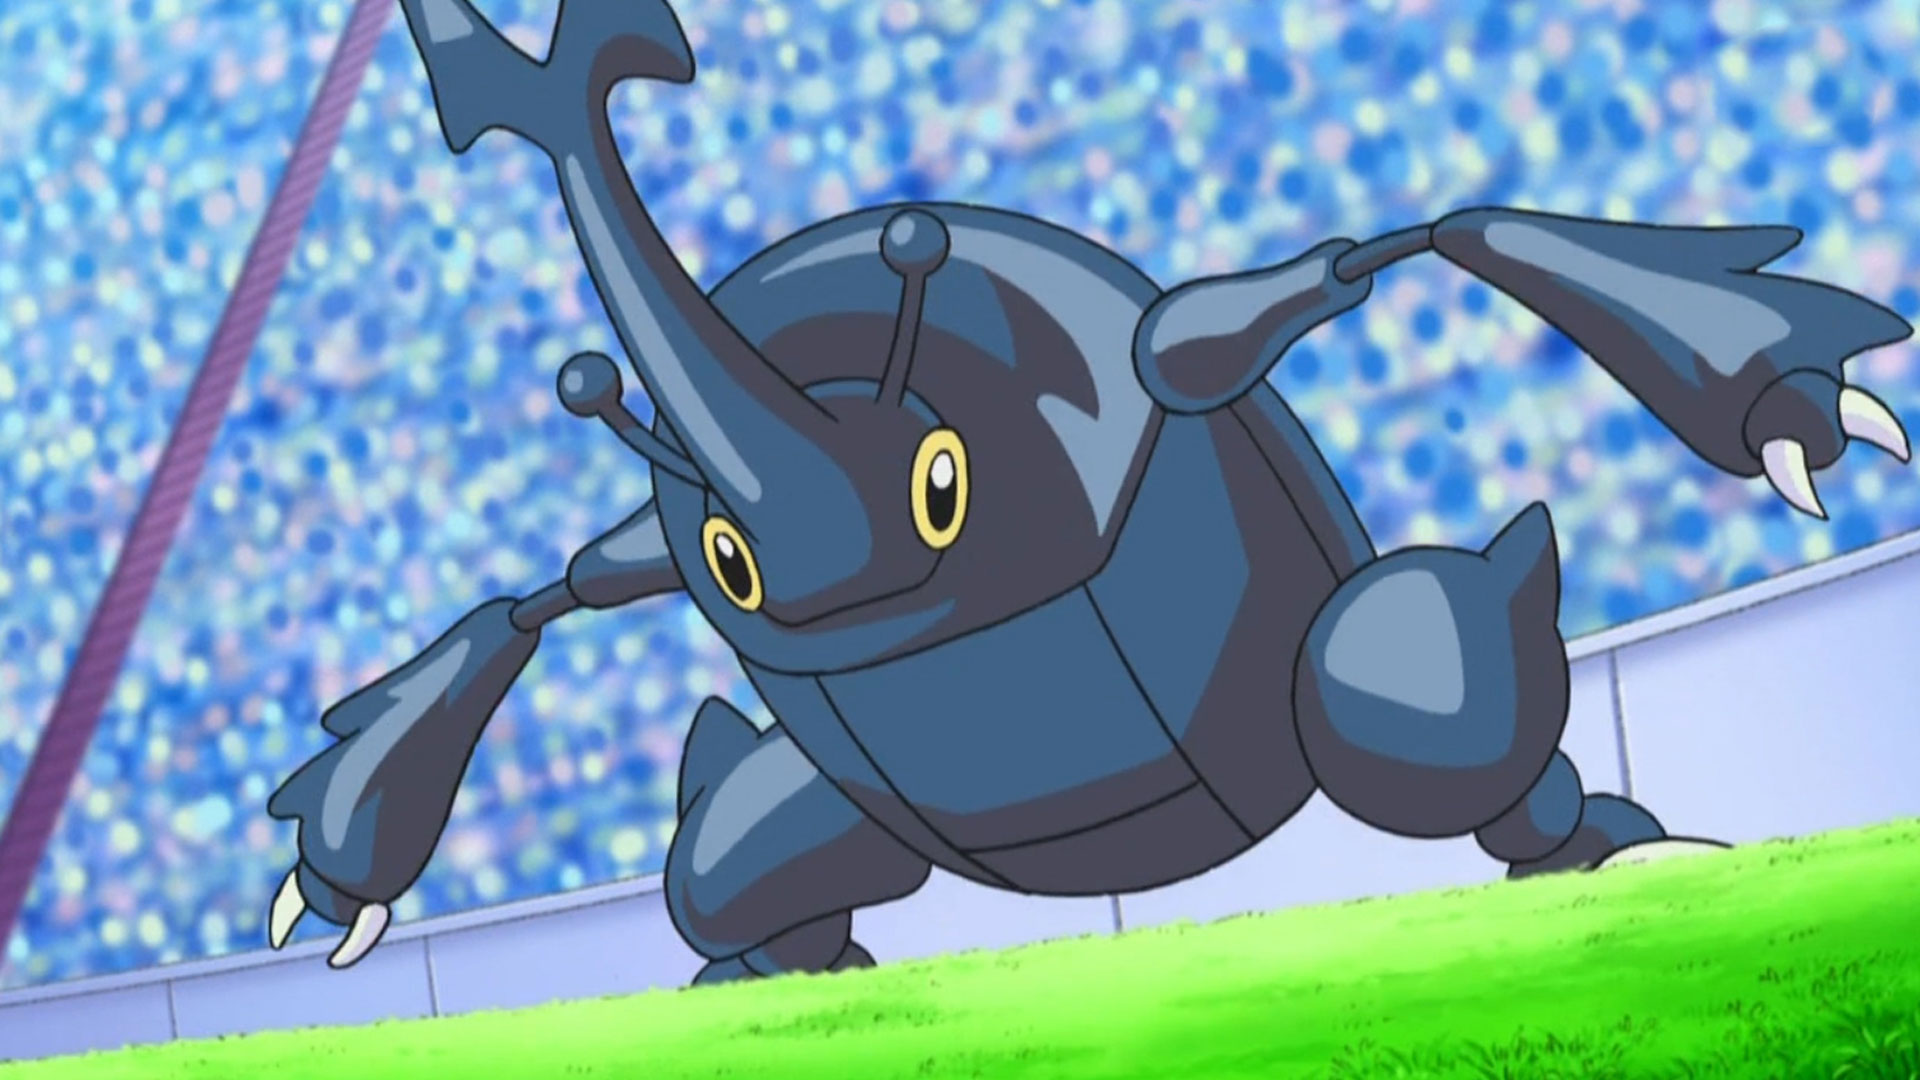 Pokémon the Series: Diamond and Pearl - Season 1201